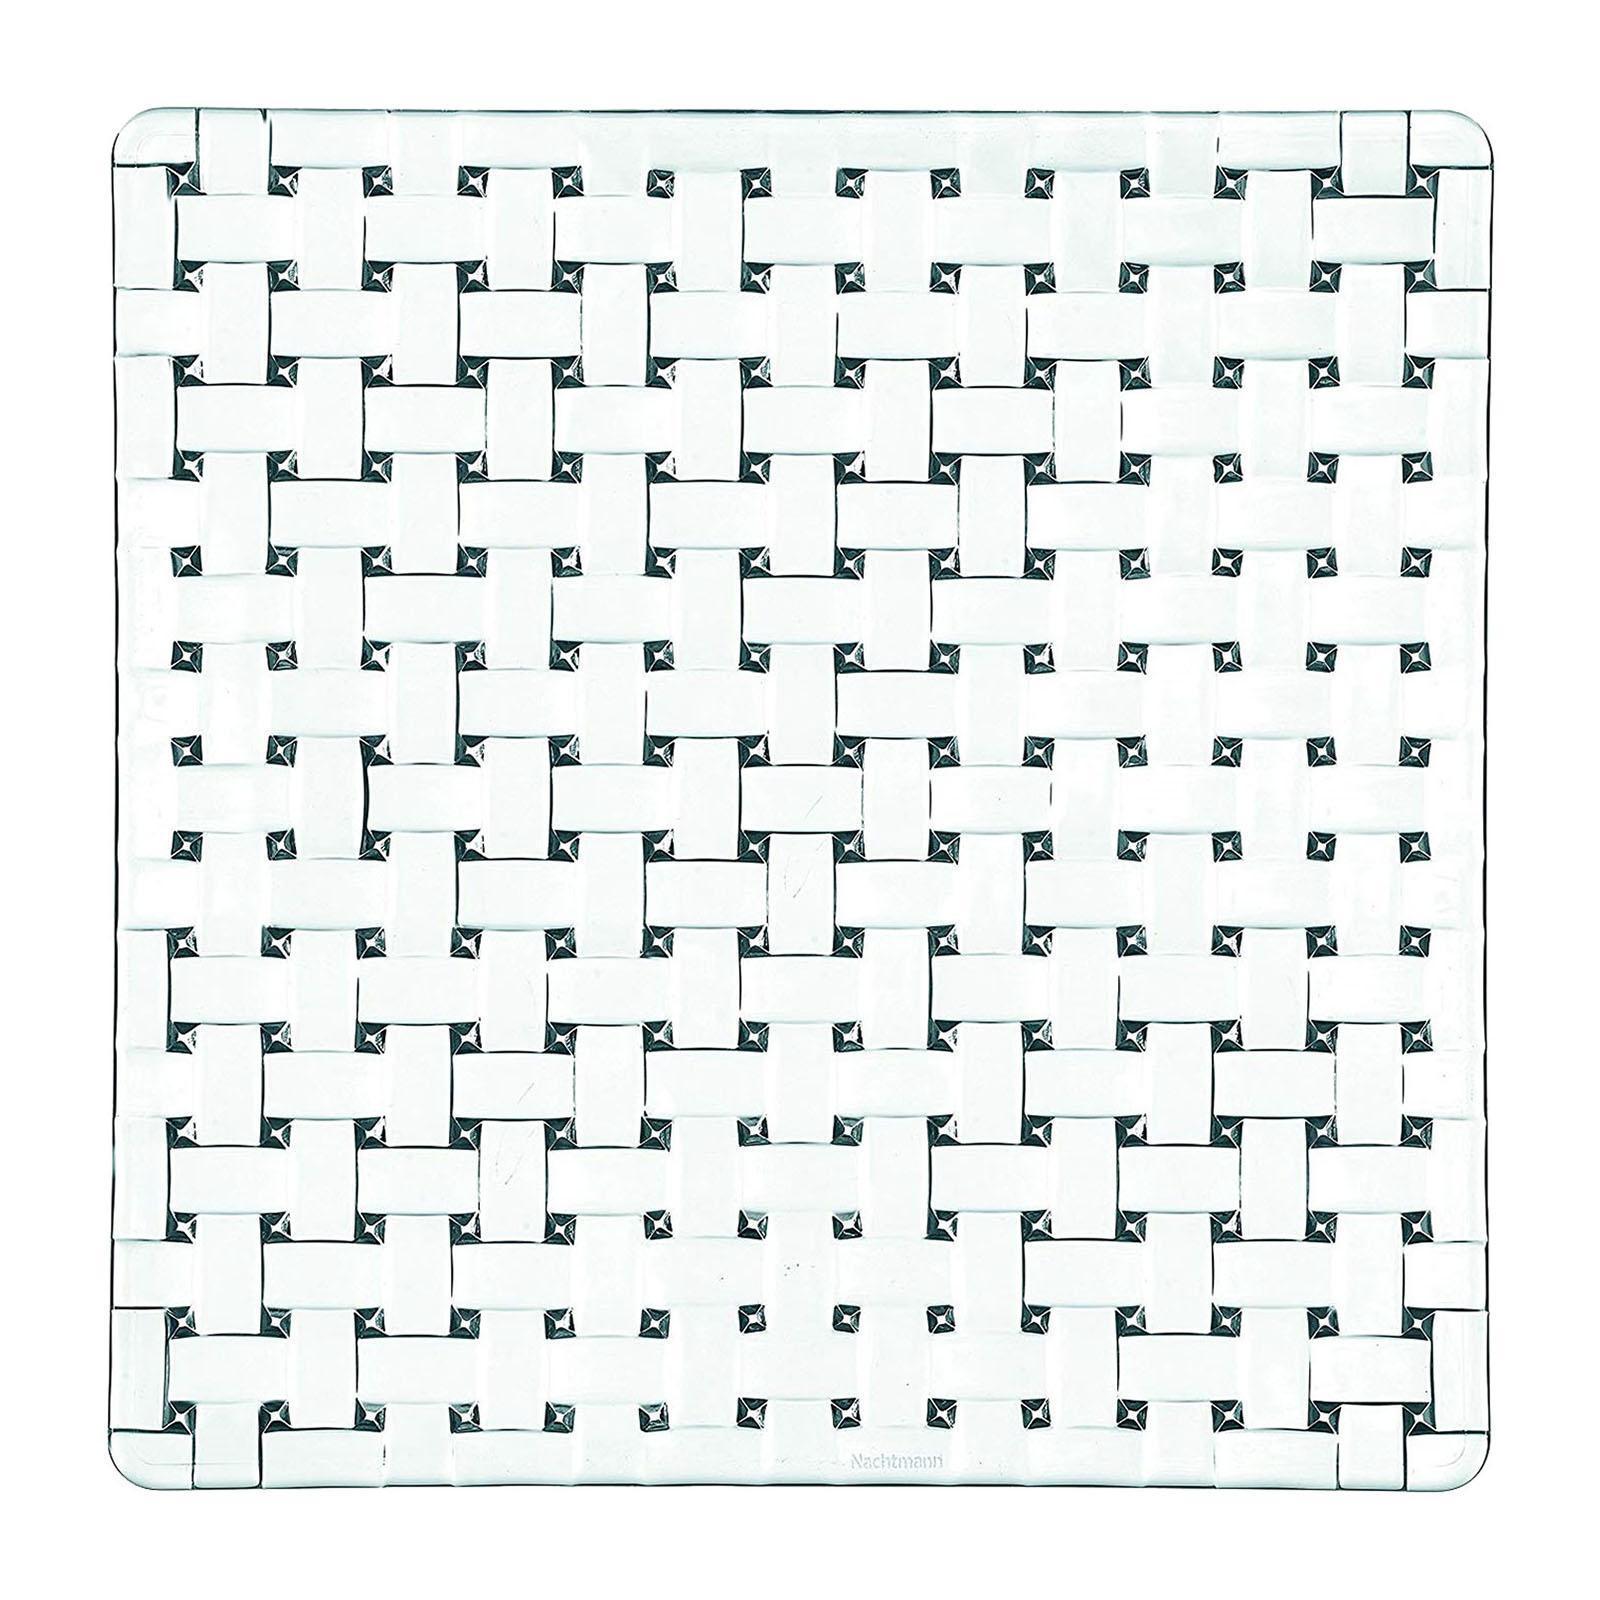 Nachtmann Bossa Nova Set Of Square Platter